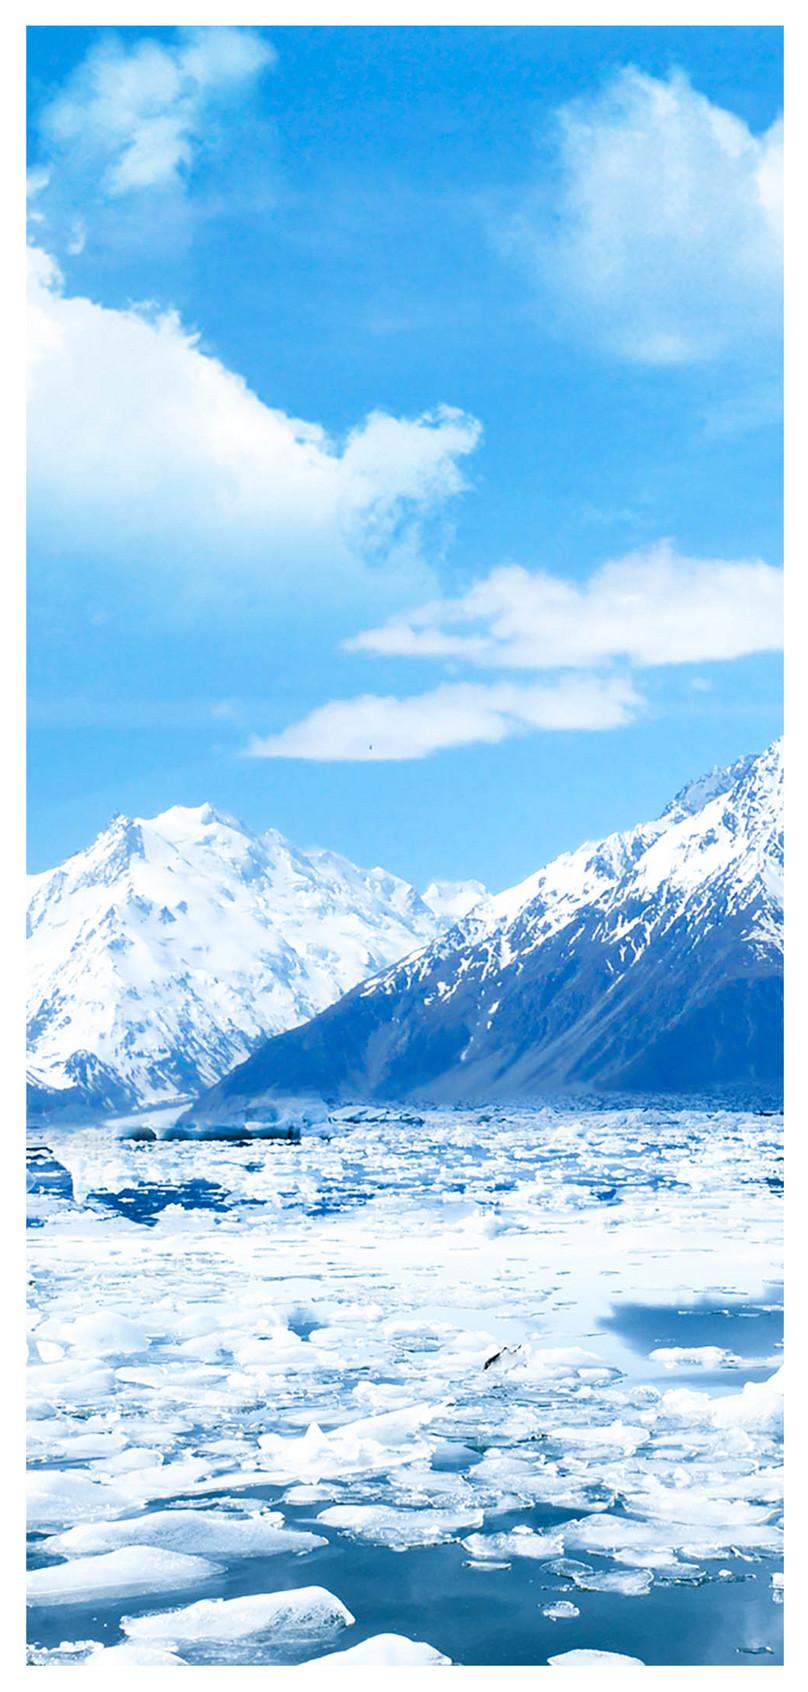 冬の雪の携帯電話の壁紙イメージ 背景 Id 400874873 Prf画像